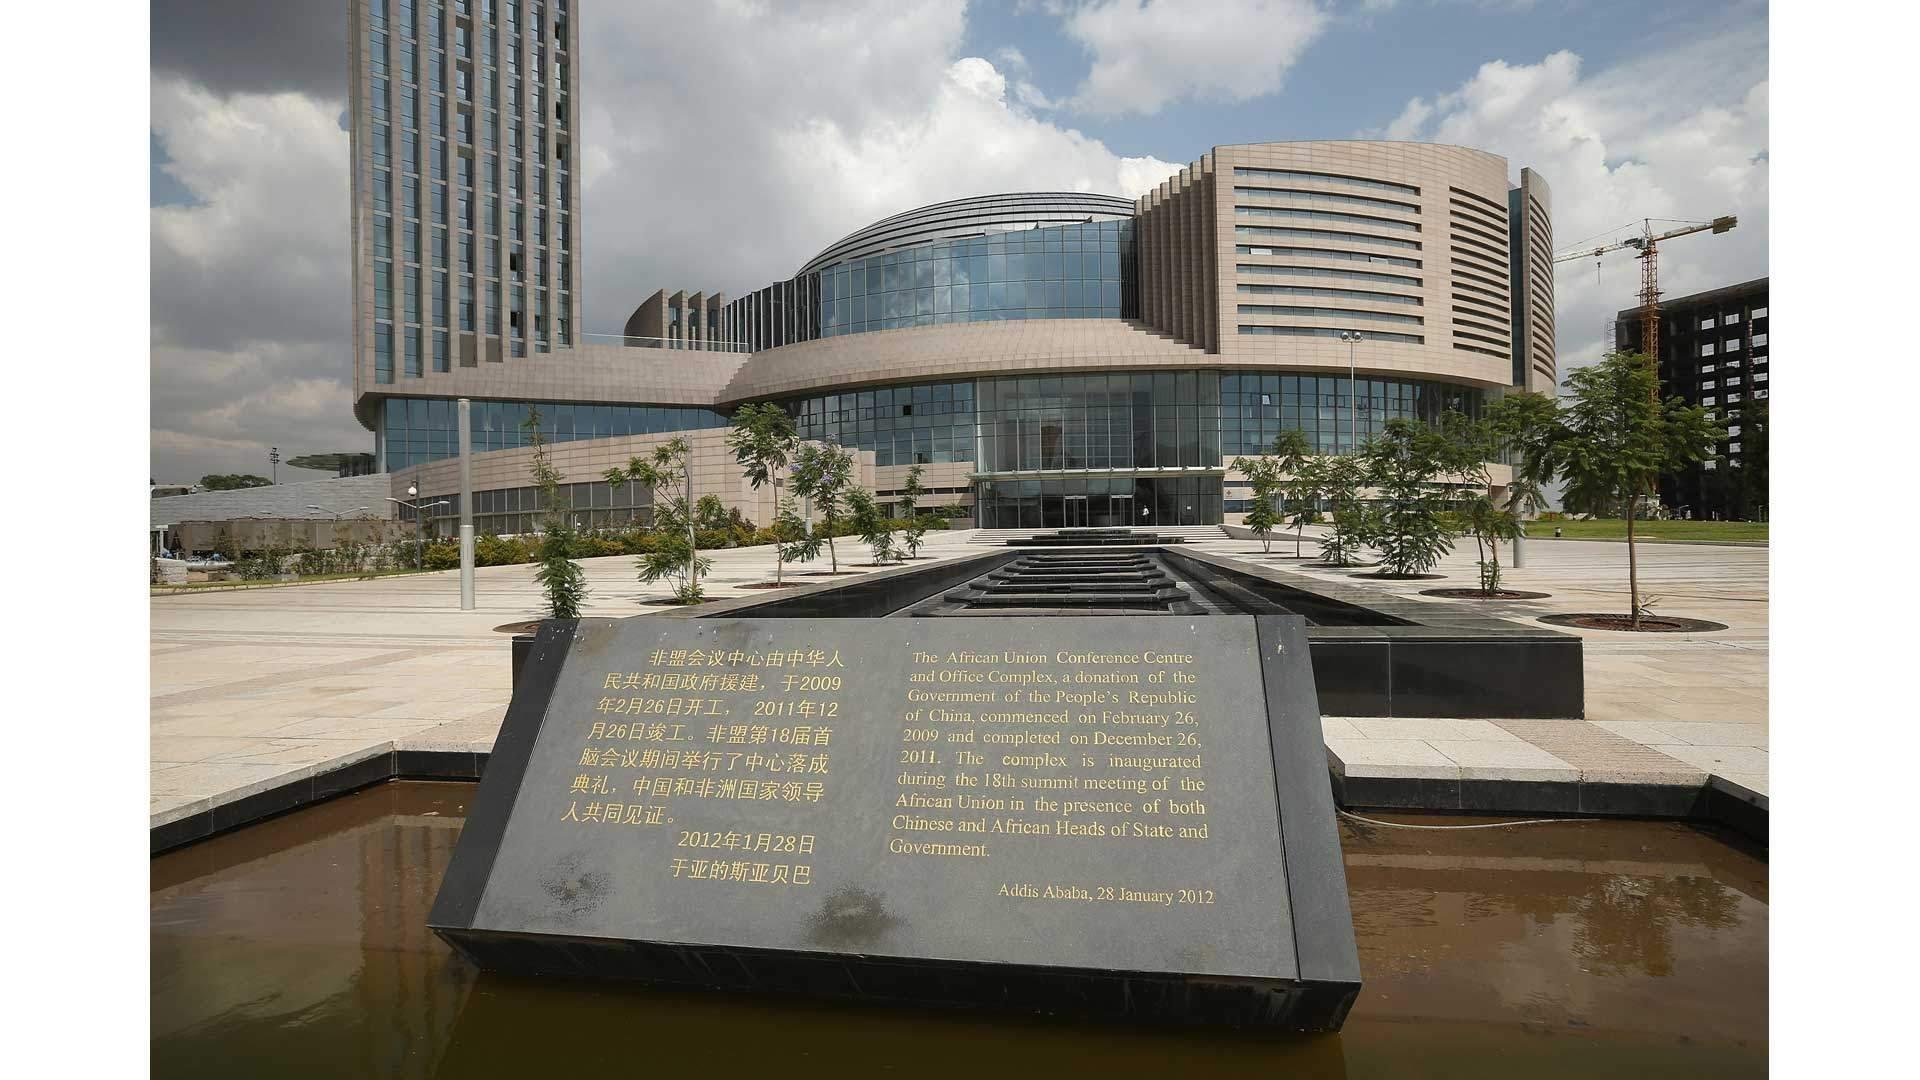 Selesai dibangun tahun 2012, gedung markas Uni Afrika ini jadi kebanggaan akan kedekatan hubungan Afrika dengan Cina